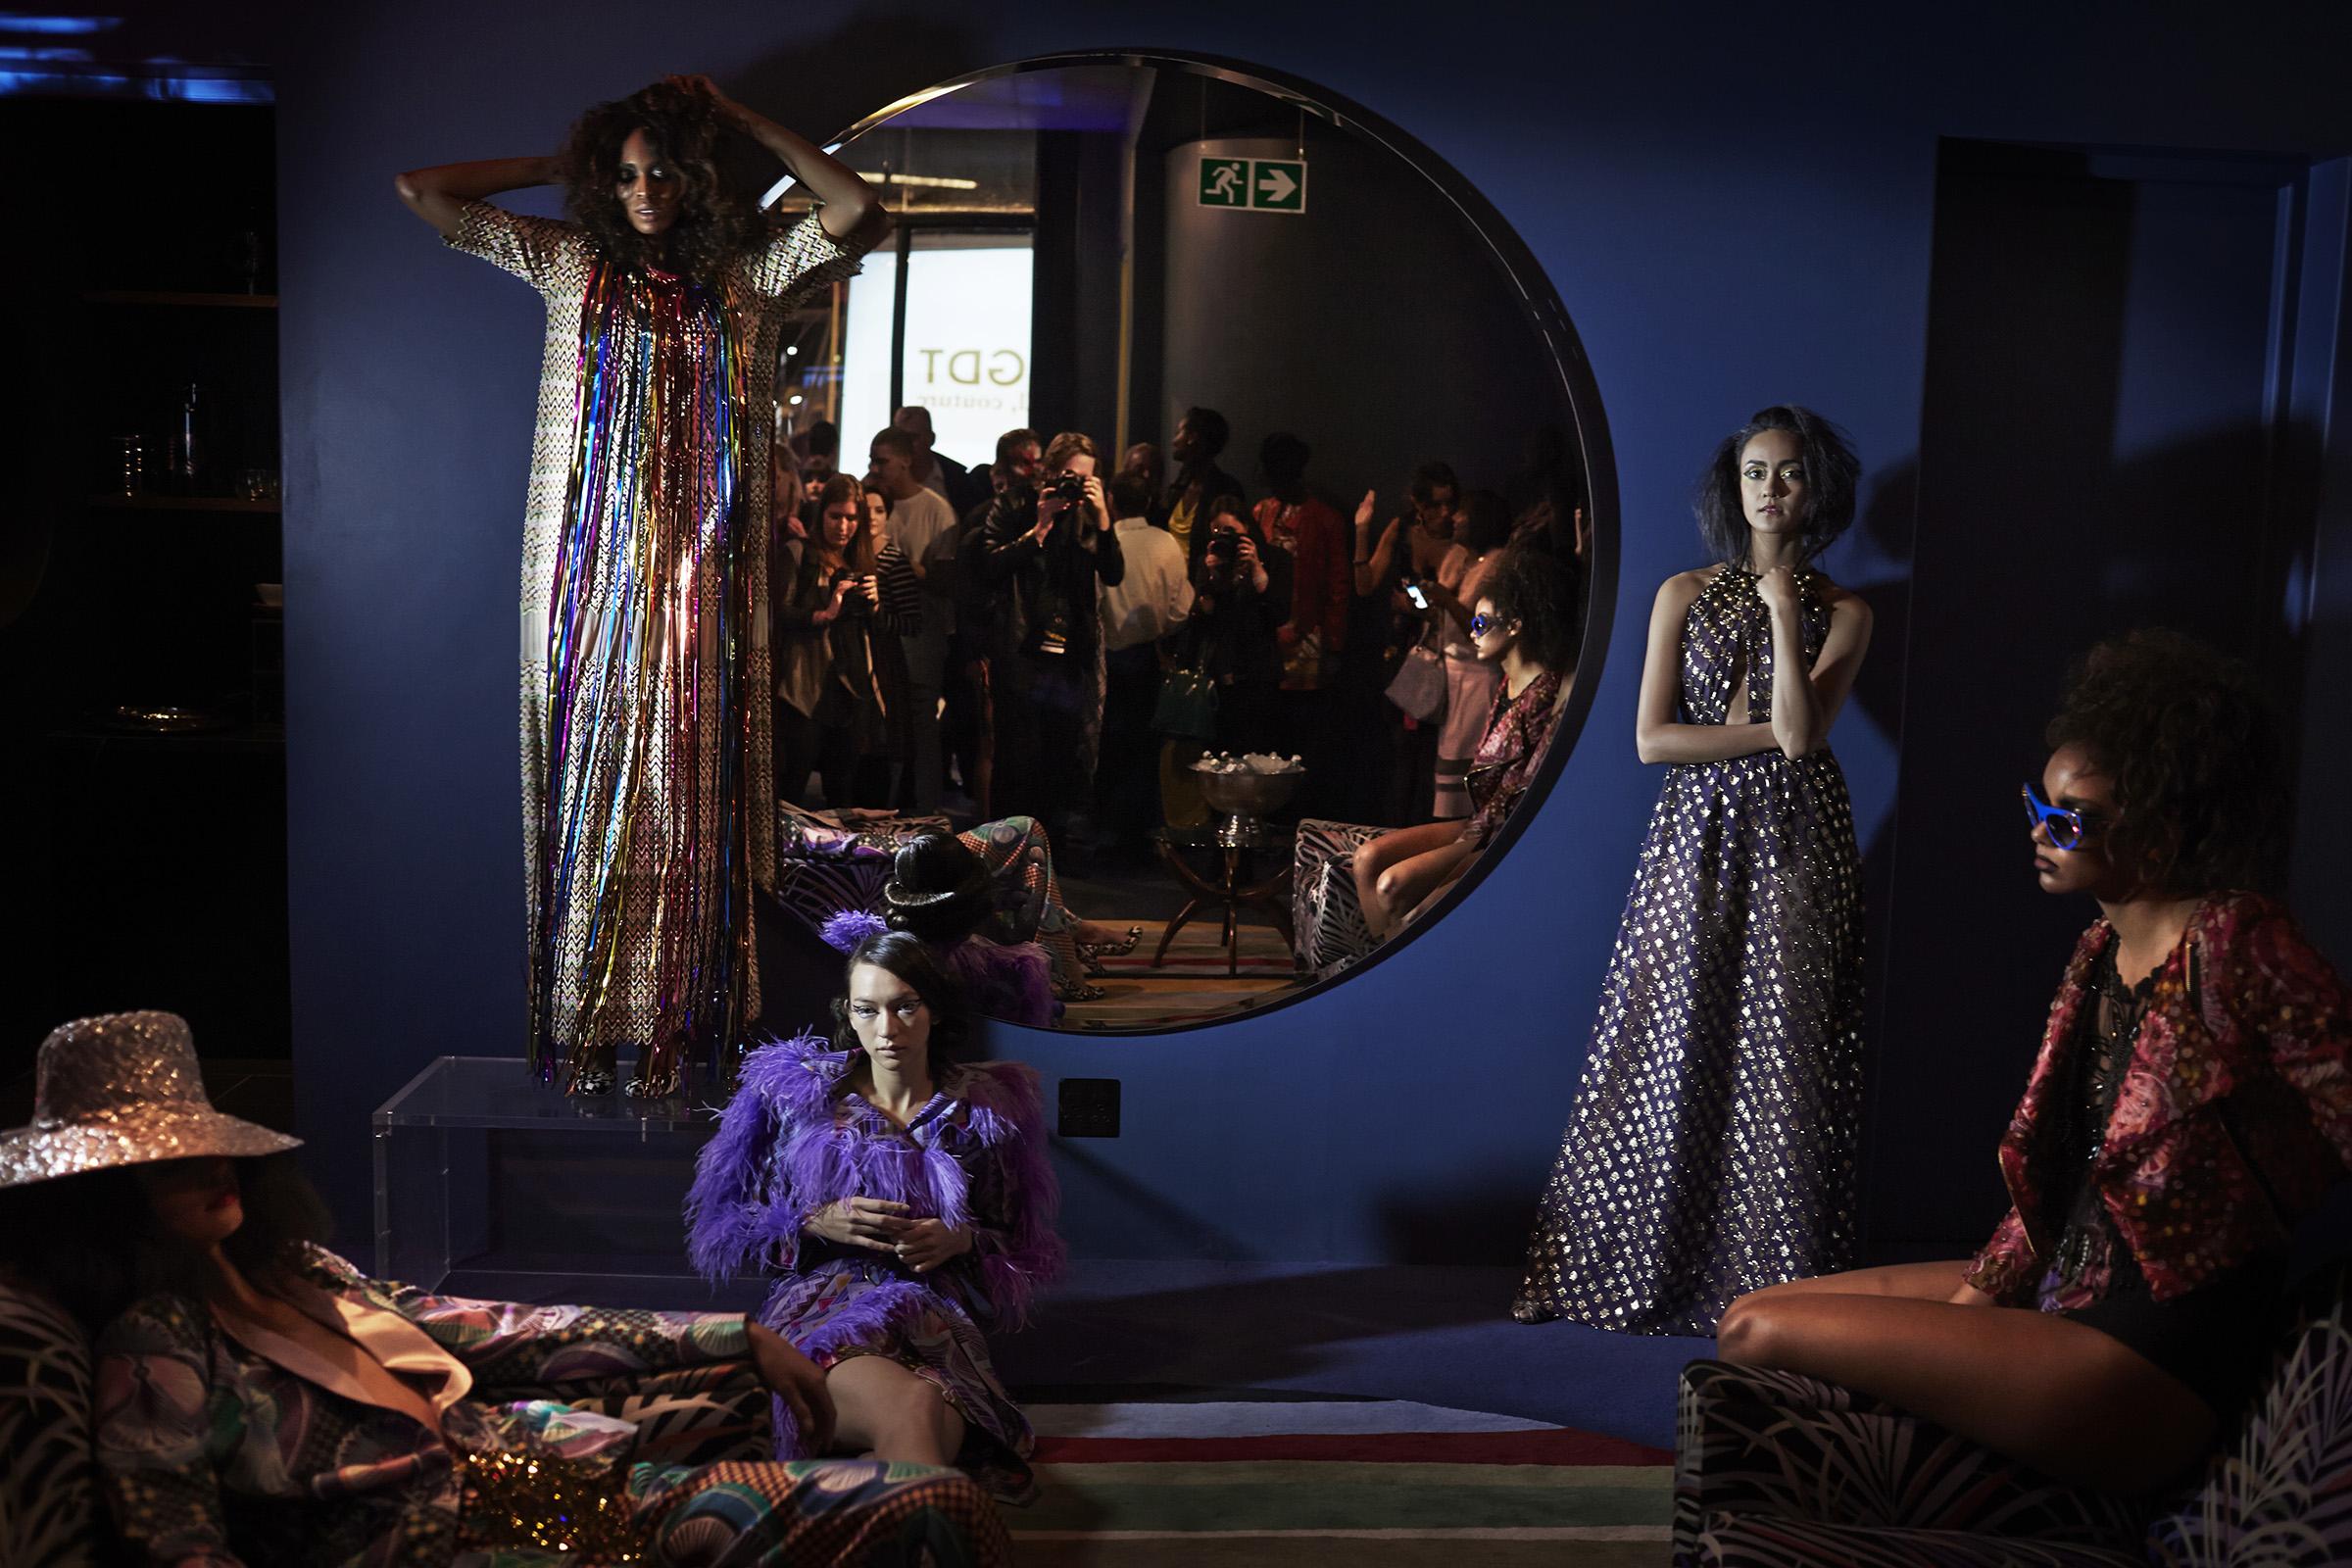 Cape Town Fashion week 2014